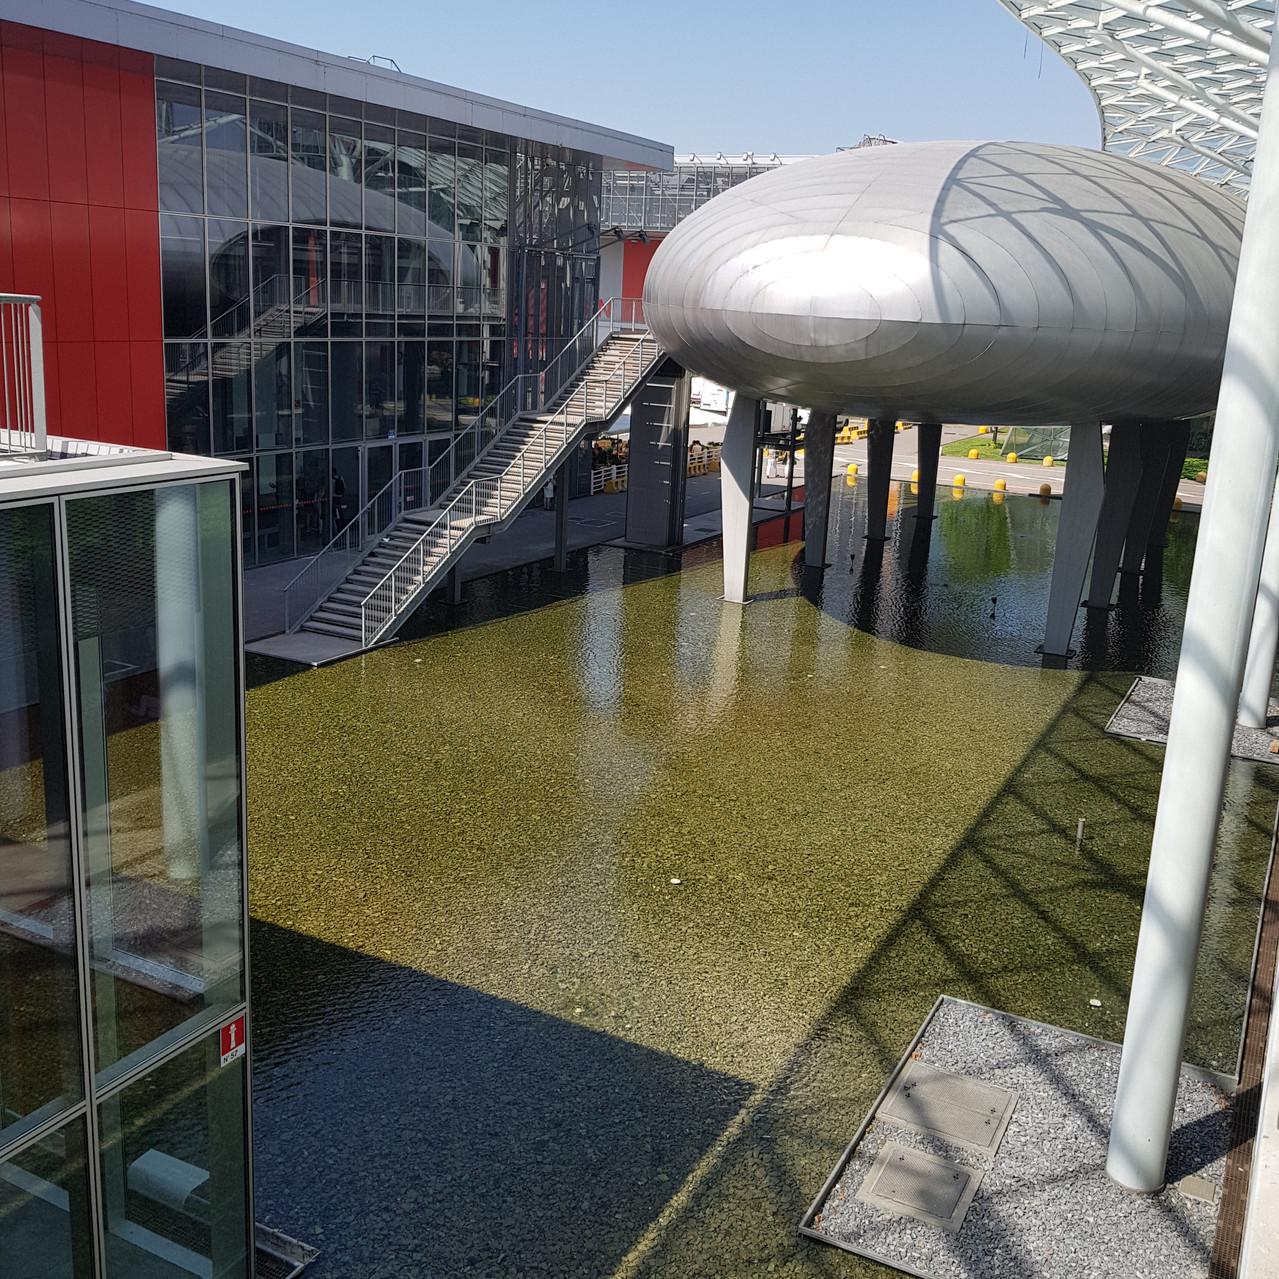 משרדי המקום מעוצבים כמו חללית שנחתה במים